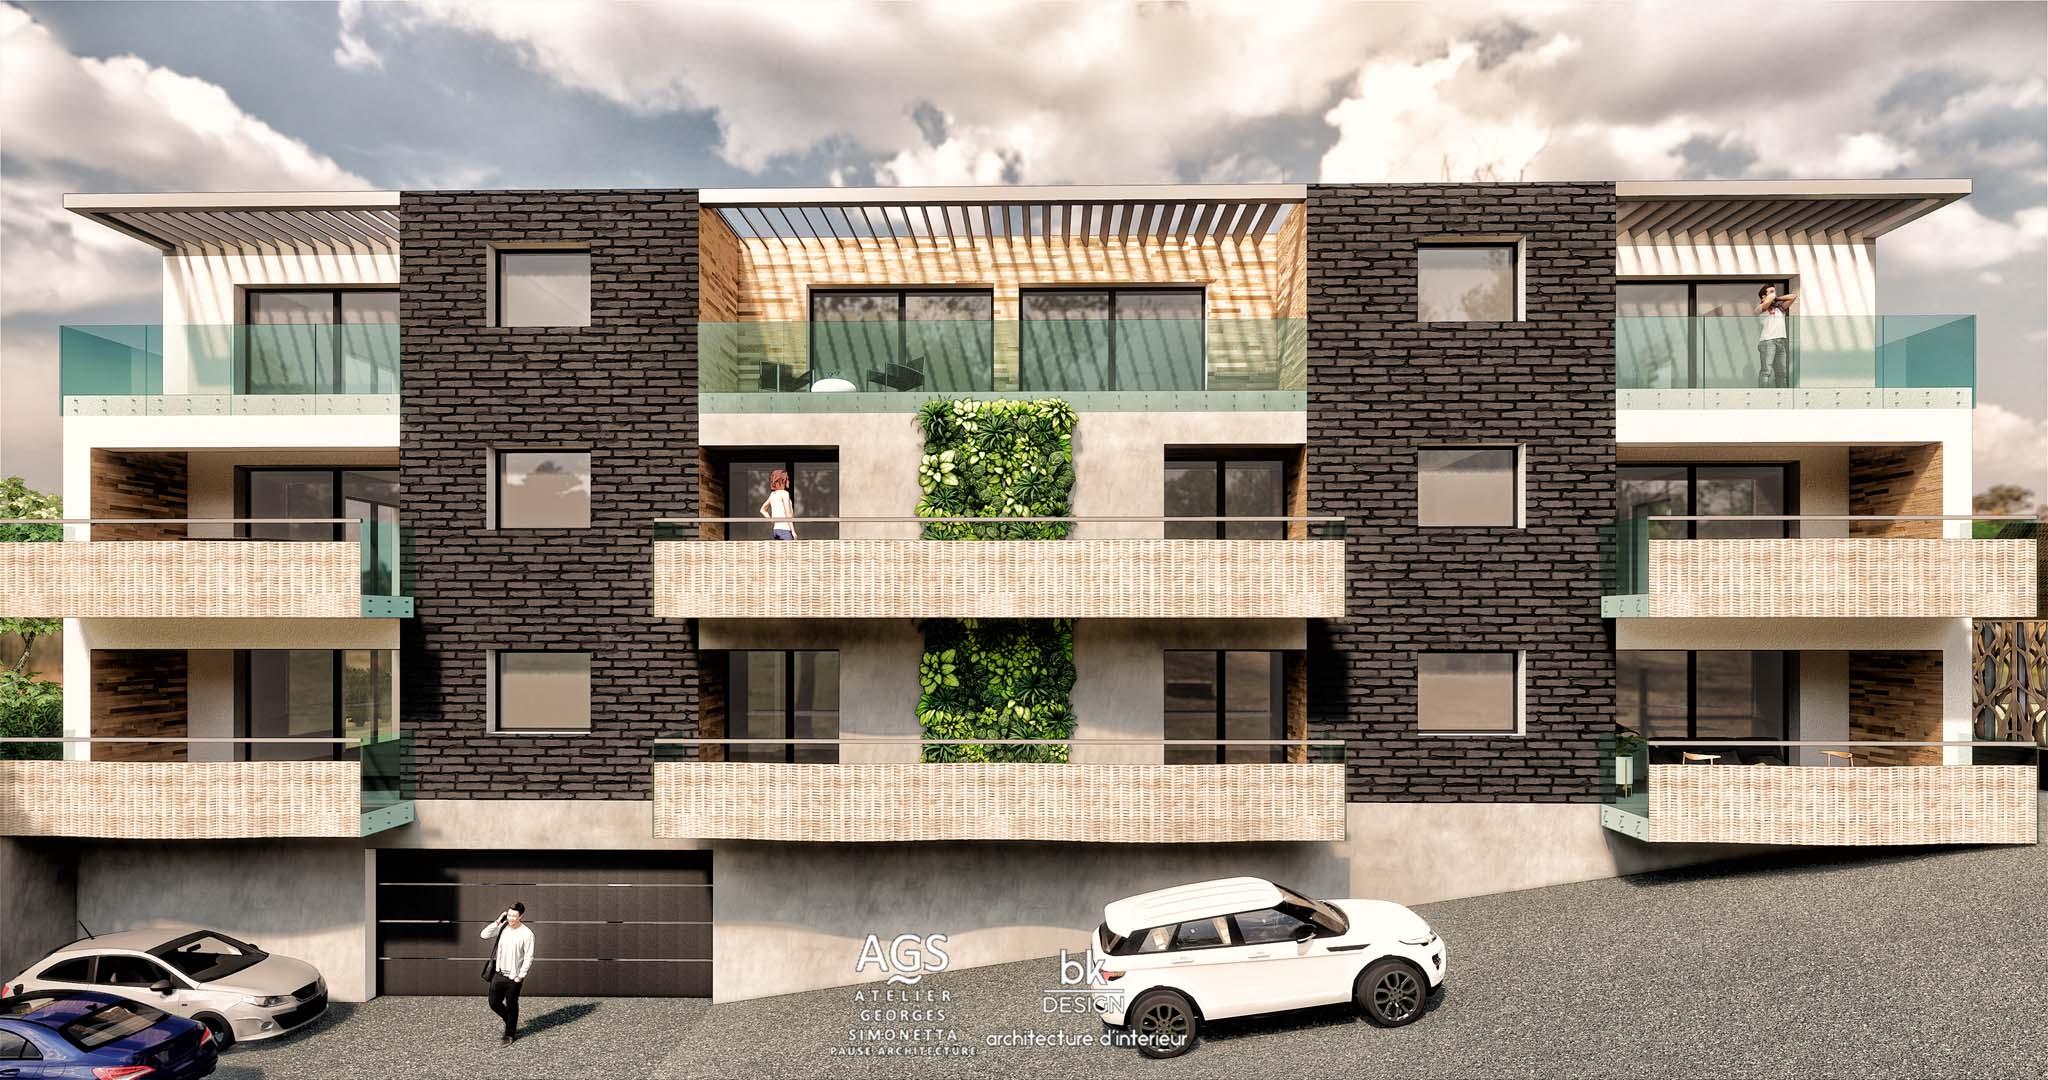 32 bk Design Projet Mont Saint Martin v2 02 Immeuble